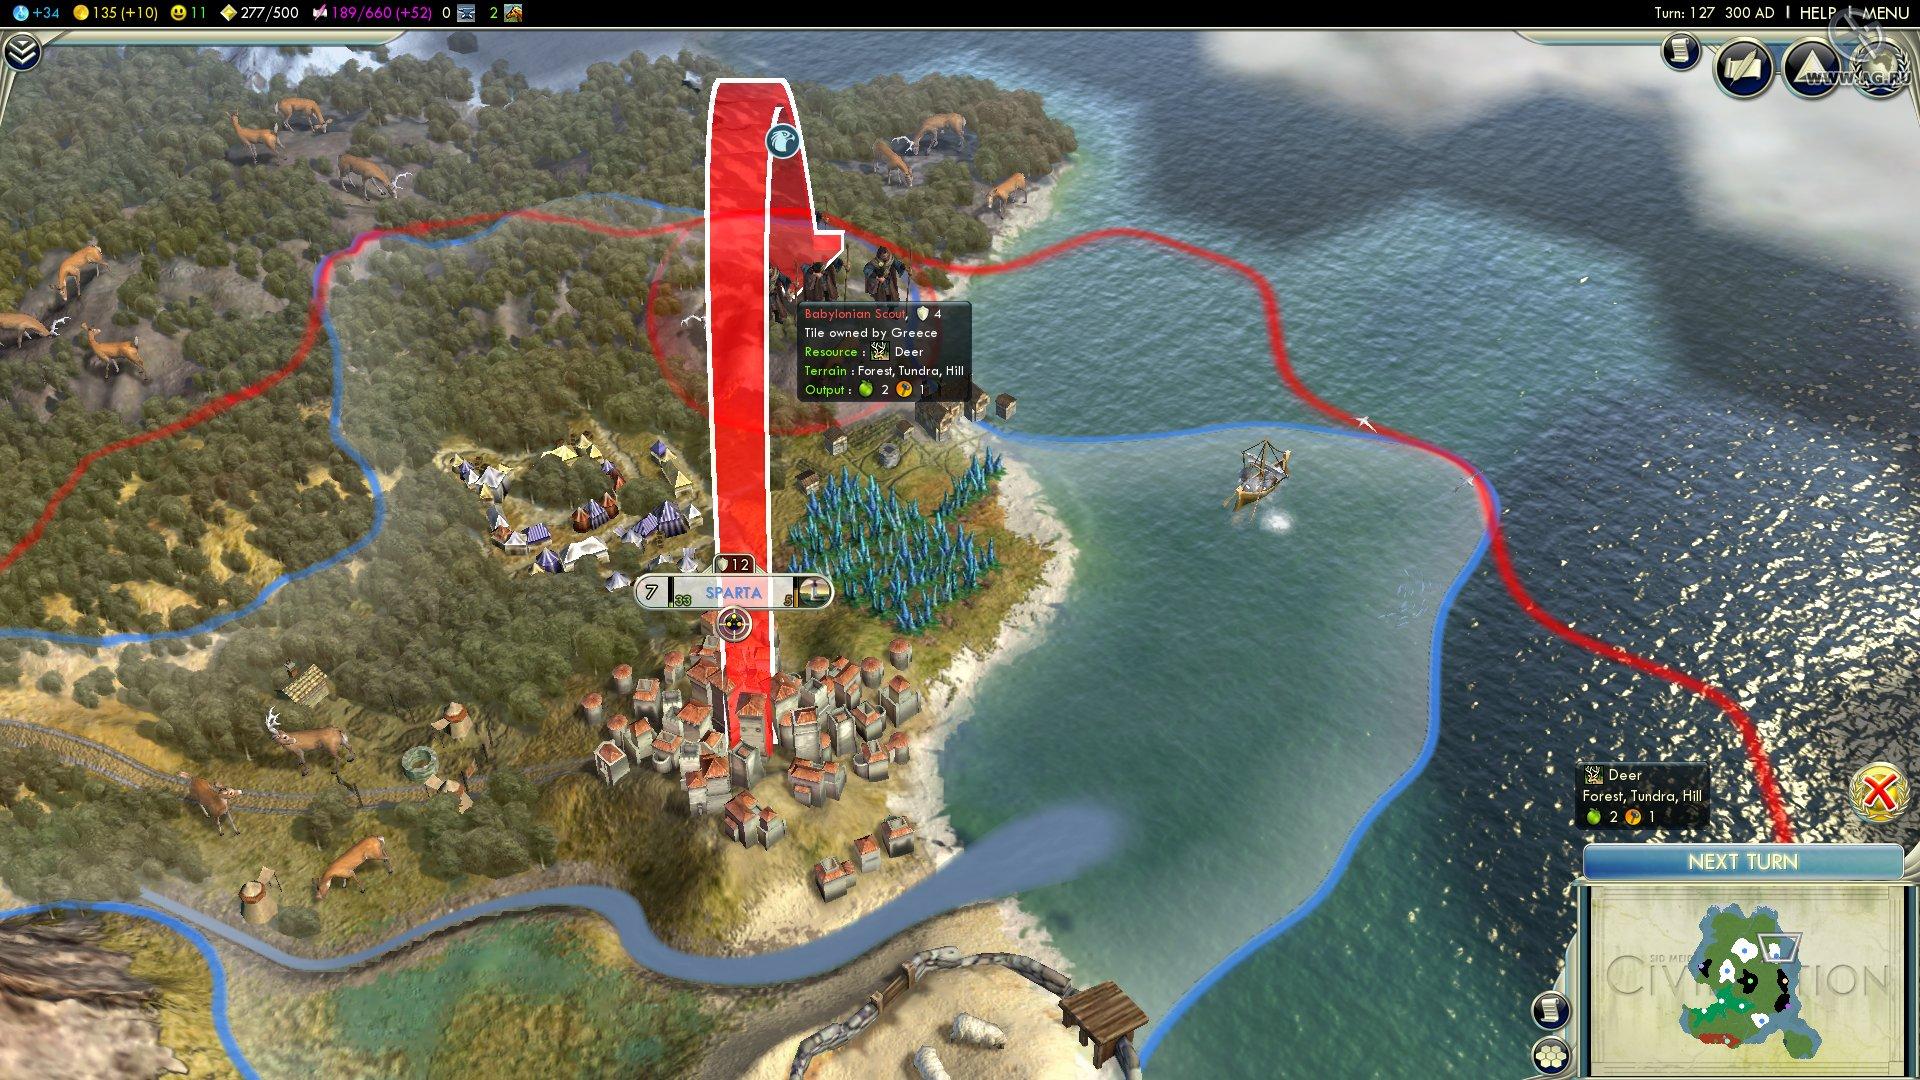 Скачать игру цивилизация 5 с торрента бесплатно на компьютер (3,22 гб).